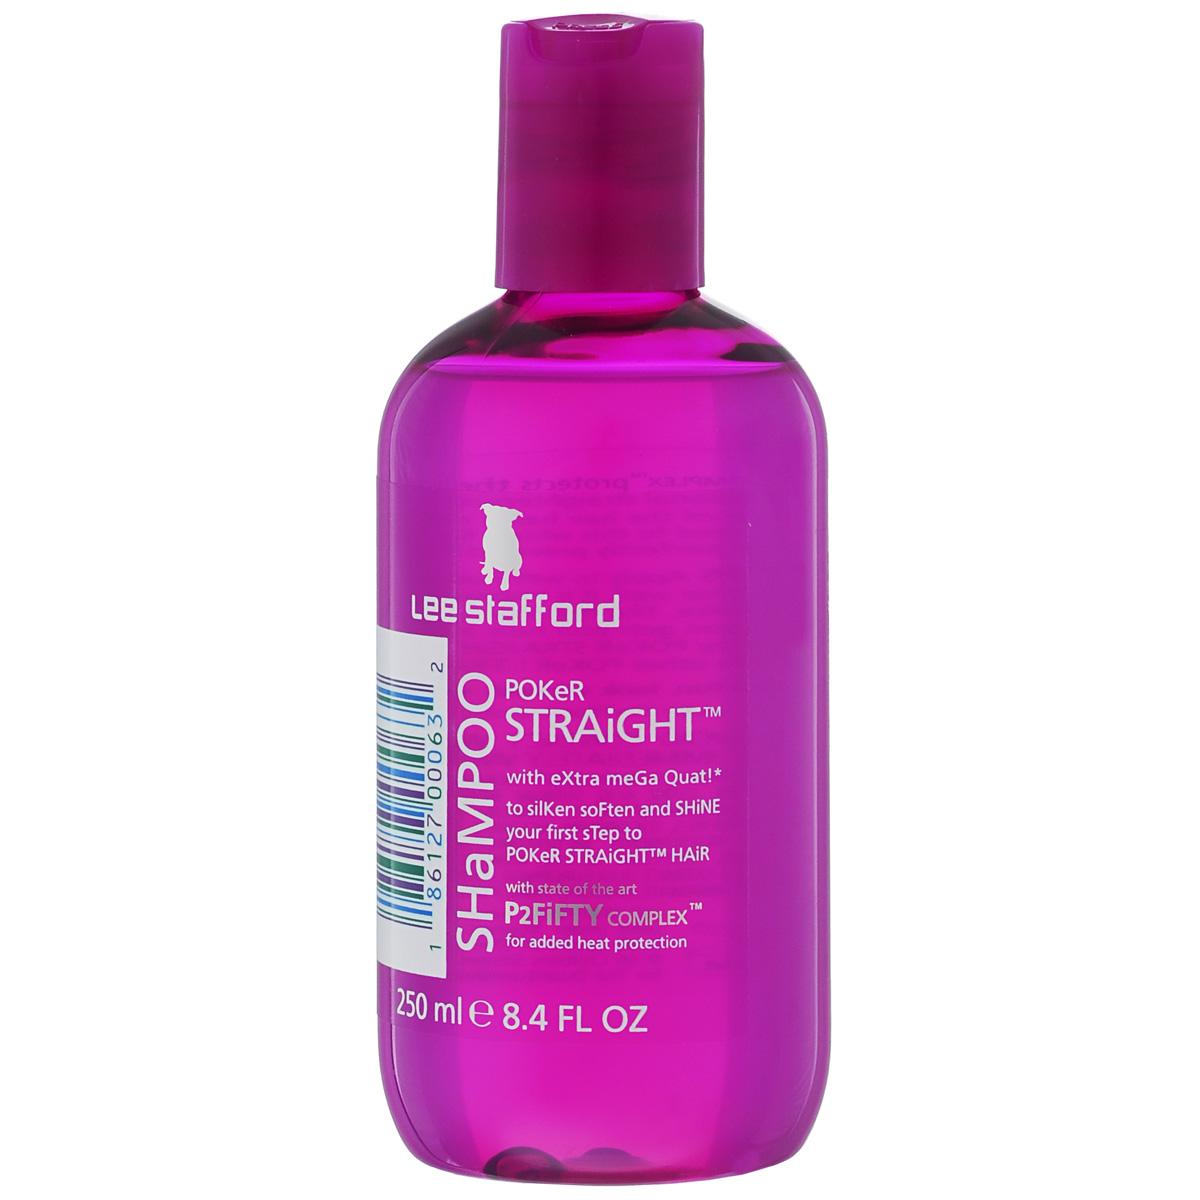 Lee Stafford Шампунь для выпрямления волос Poker Straight, 250 млFS-54115Шампунь для выпрямления волос Poker Straight Shampoo, 75 мл. Содержит уникальный компонент Quat, который, попадая на волосы, смягчает и выпрямляет их. Придает ощущение шелковистости и облегчает расчесывание.